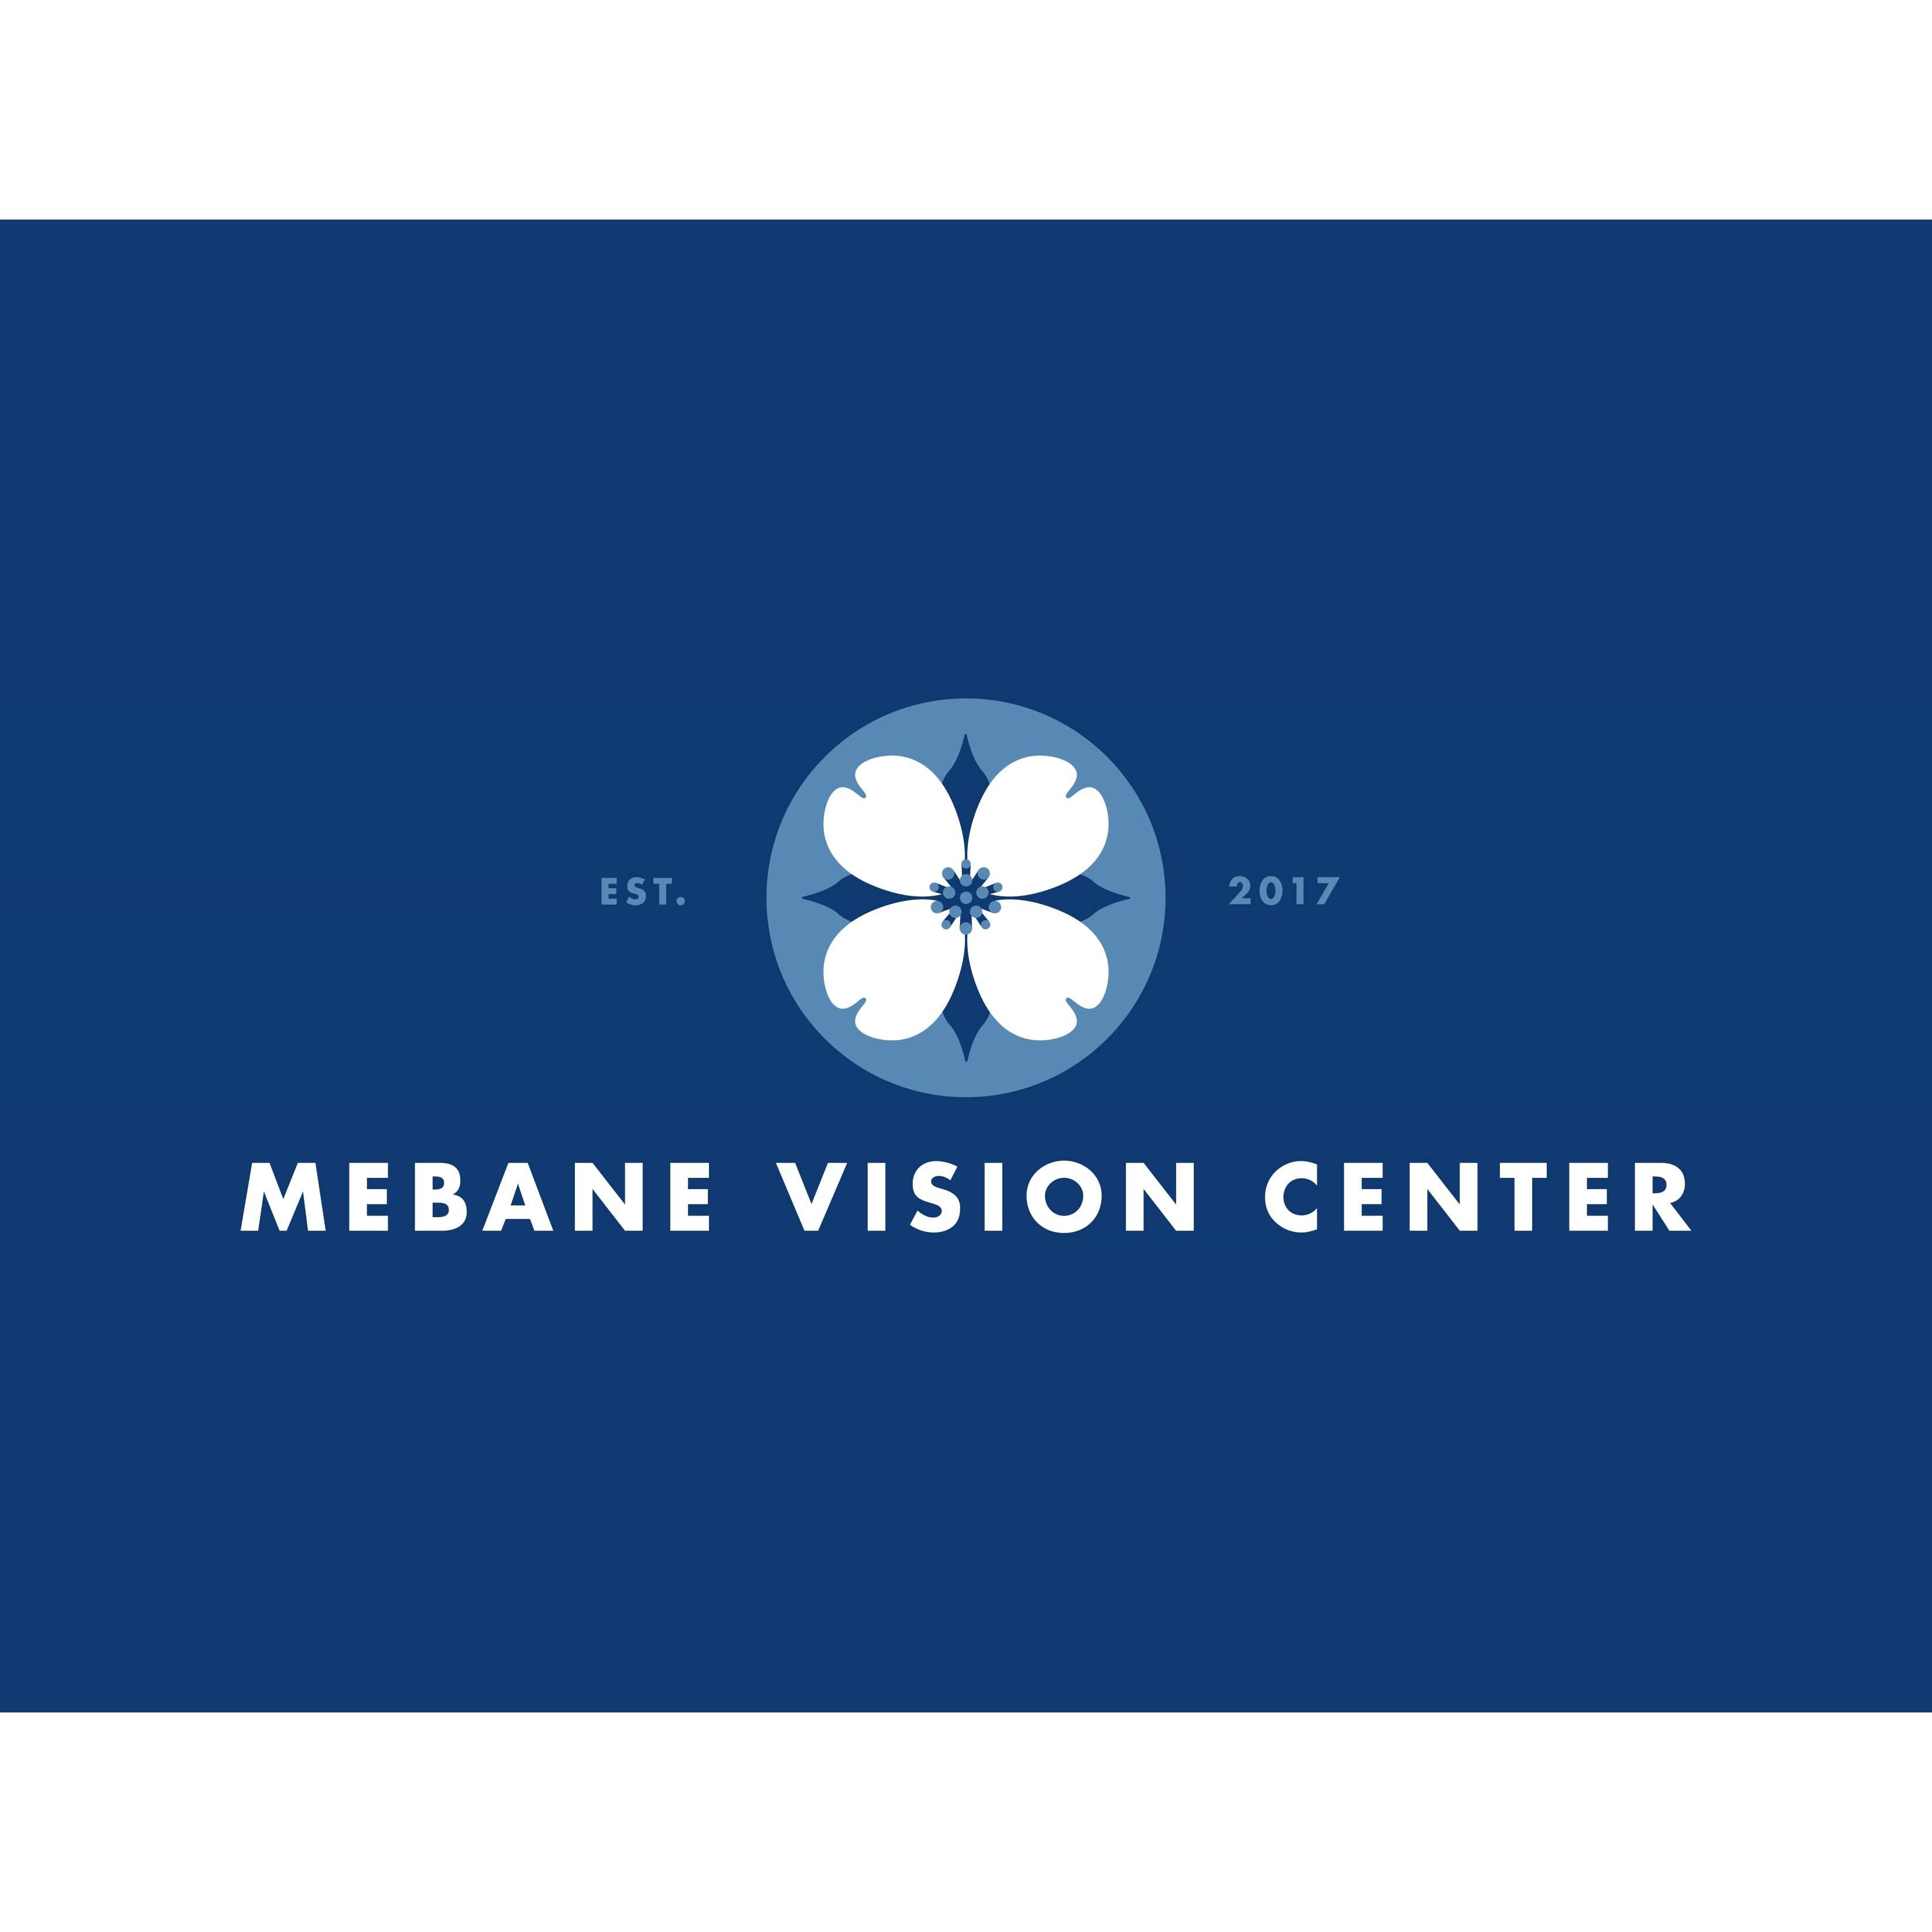 Mebane Vision Center